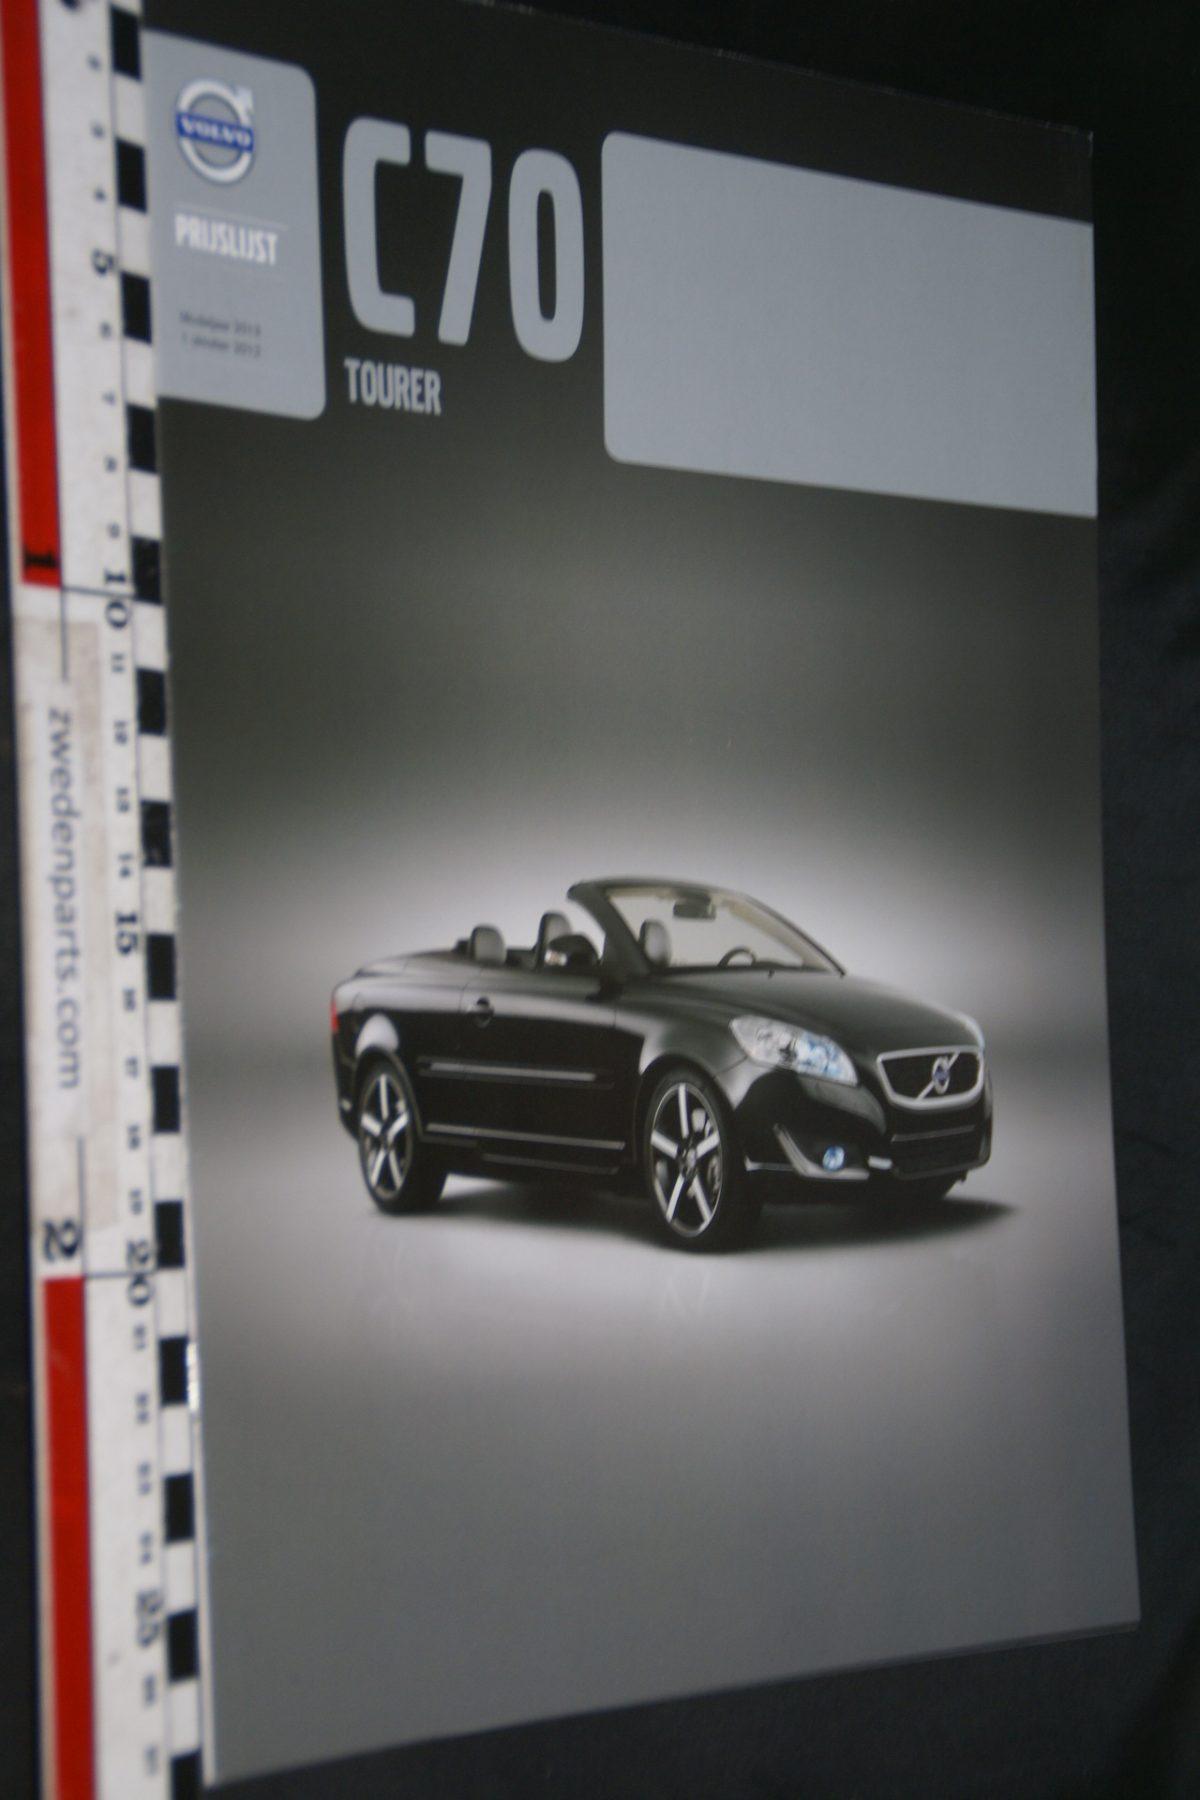 DSC06314 2012 brochure prijslijst Volvo C70 Tourer MY13 -08-2012-v2